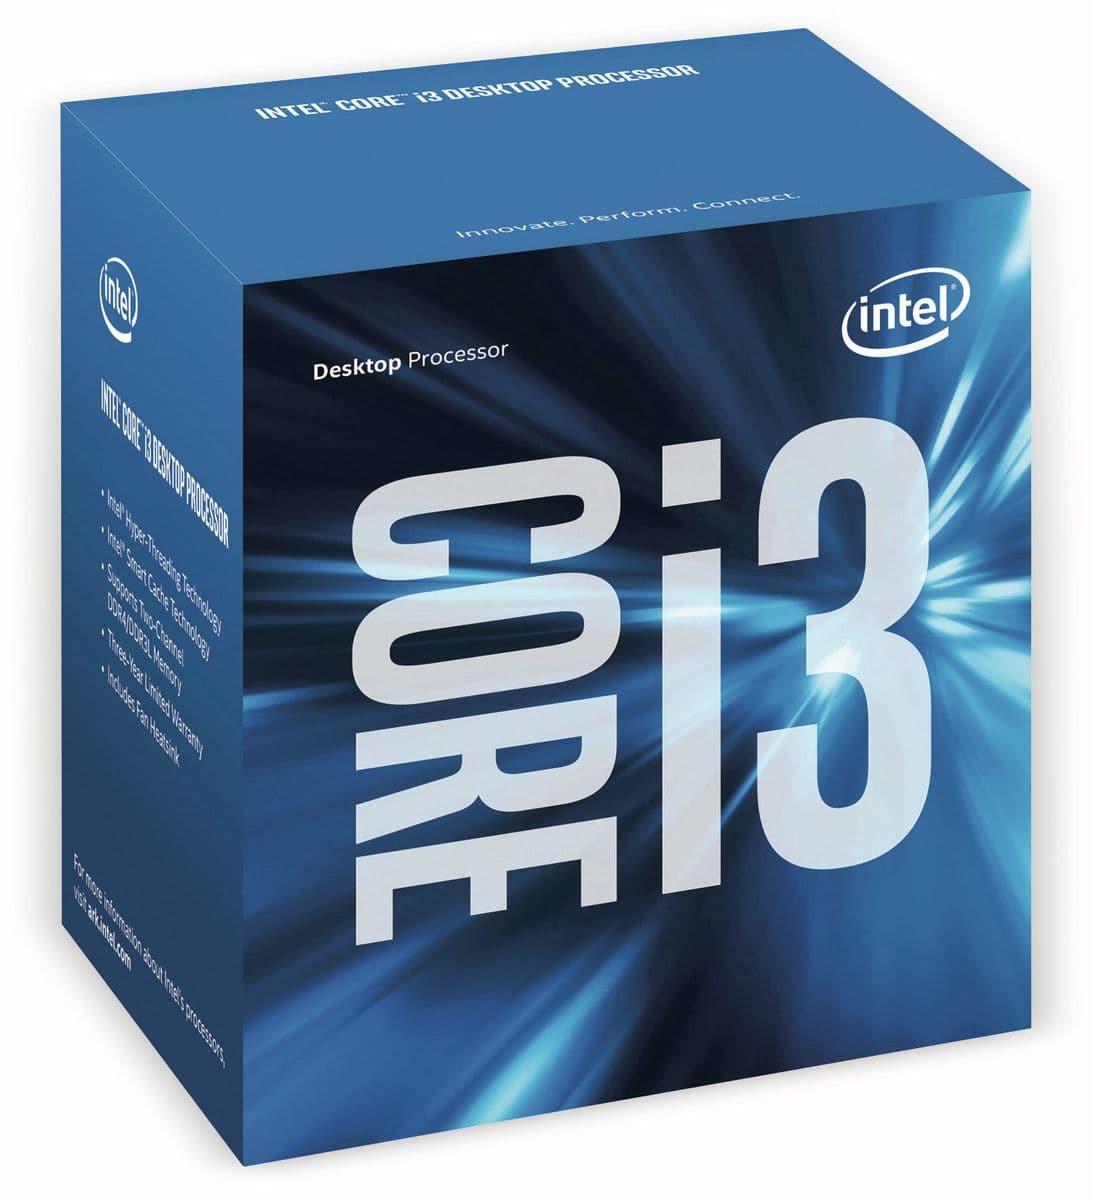 CPU INTEL Core i3-7100, 2x 3,9 GHz